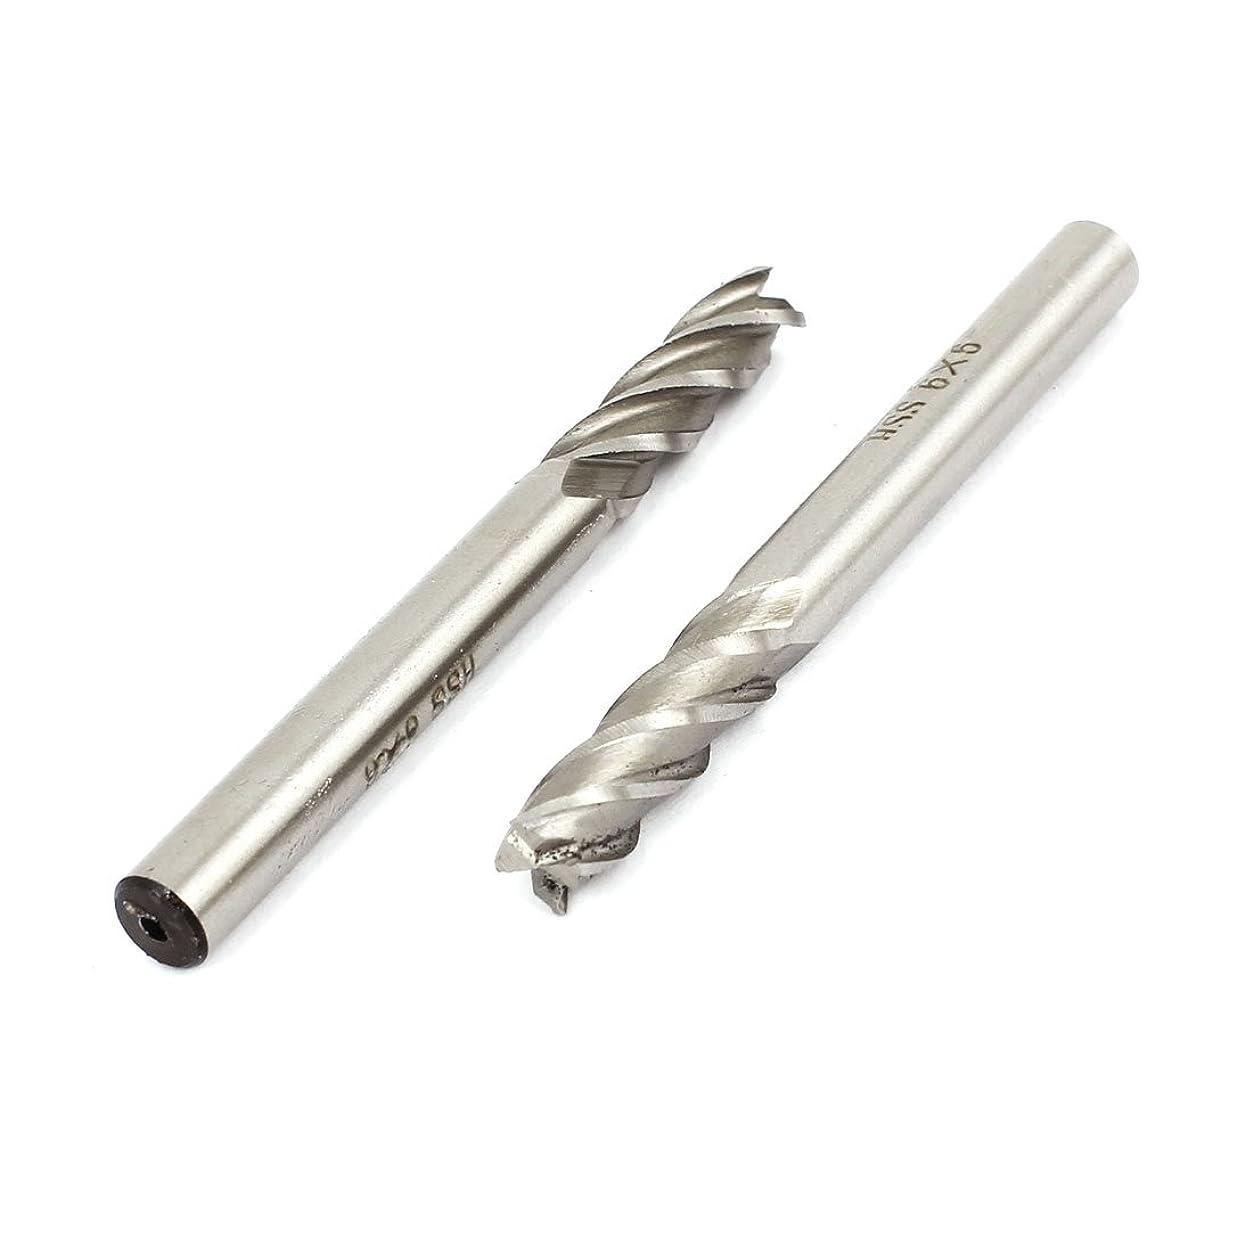 なだめるスキー円形uxcell ストレートシャンクエンドミル 6mmシャンク径 6mm切削直径 2個入り